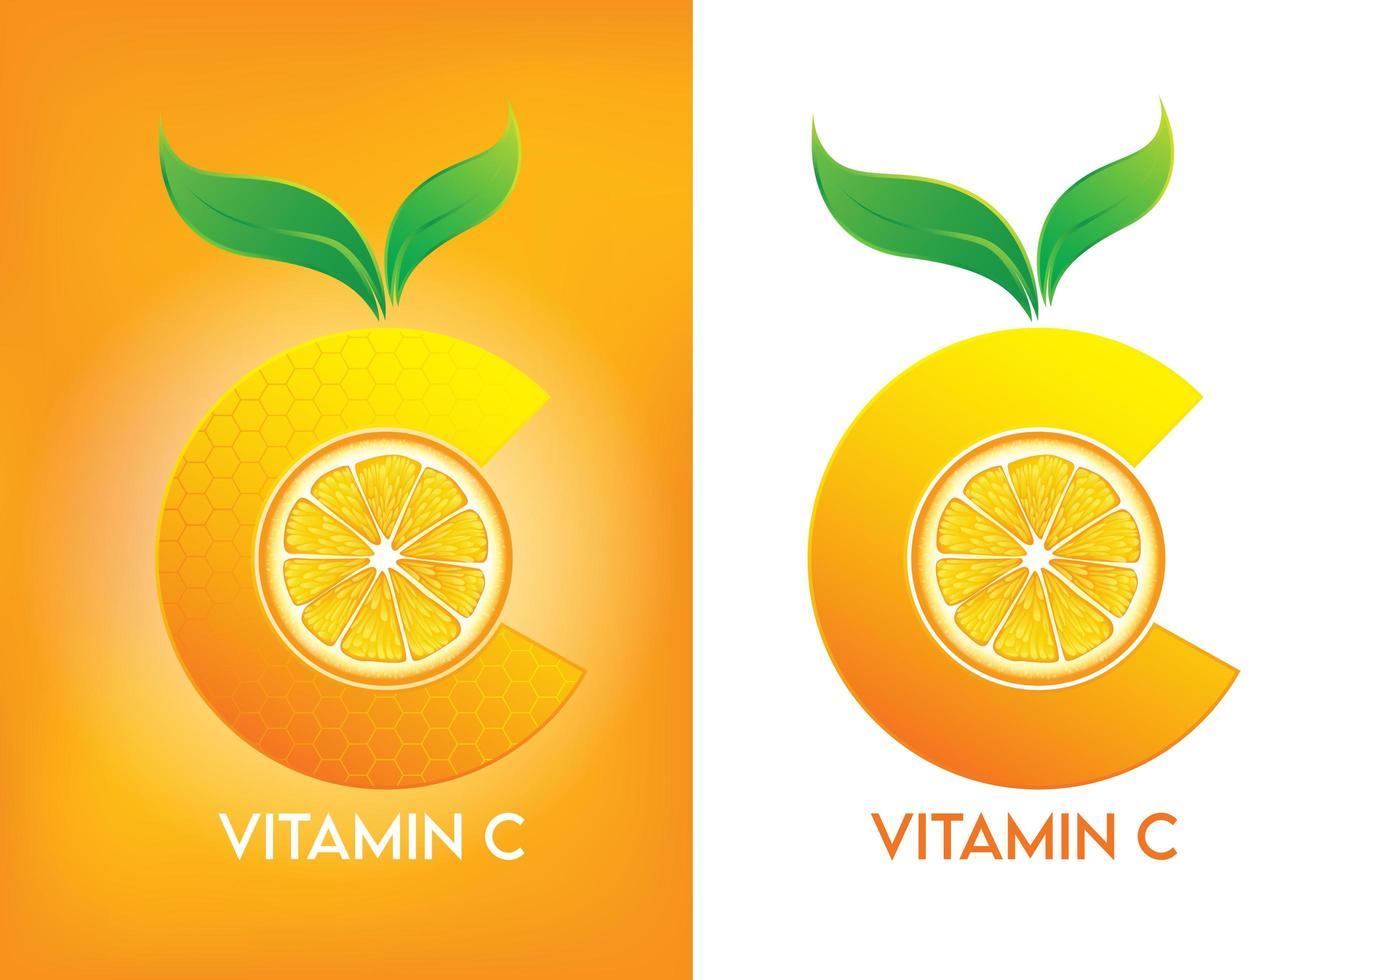 vitamine c-pictogram voor reclamemateriaal vector